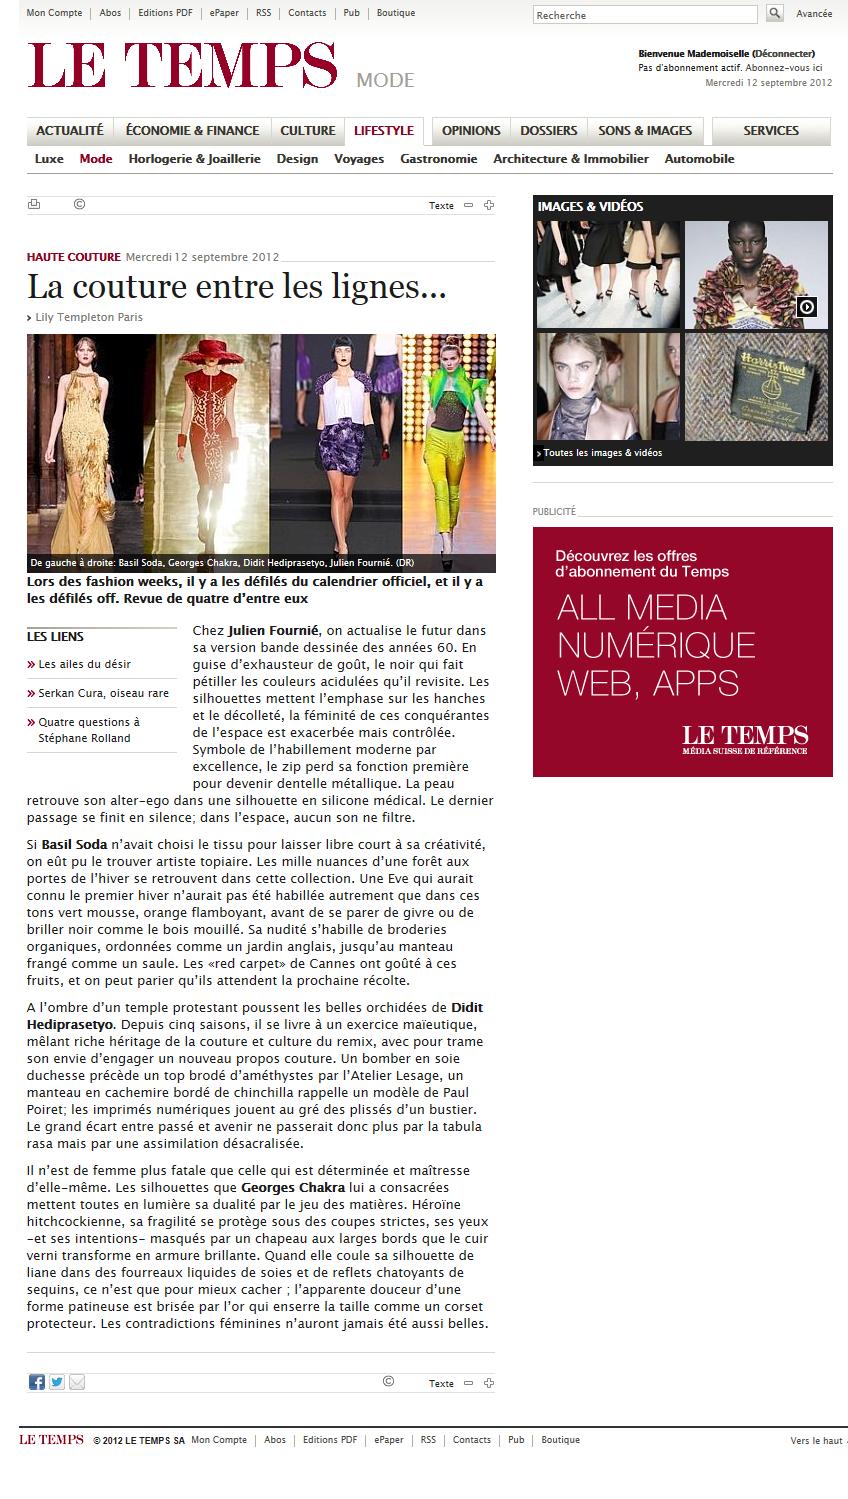 LeTemps.ch-La-couture-entre-les-lignes...-1